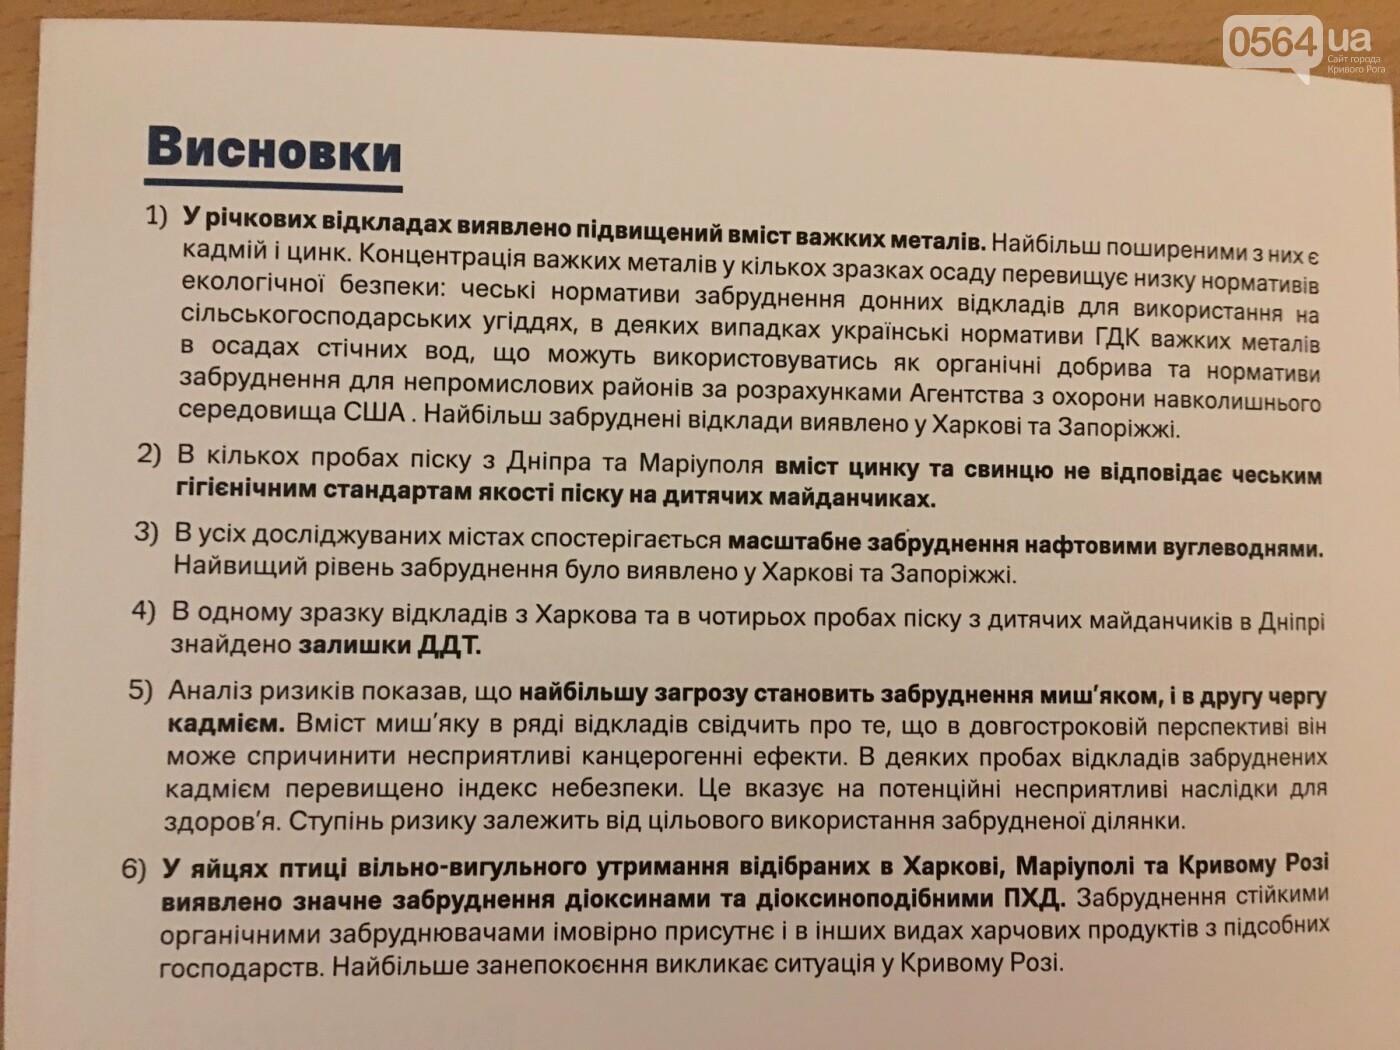 """""""Попытки сотрудничать с """"АМКР"""" увенчались....ничем"""": Криворожские экоактивисты разорвали Меморандум, - ФОТО, ВИДЕО, фото-22"""